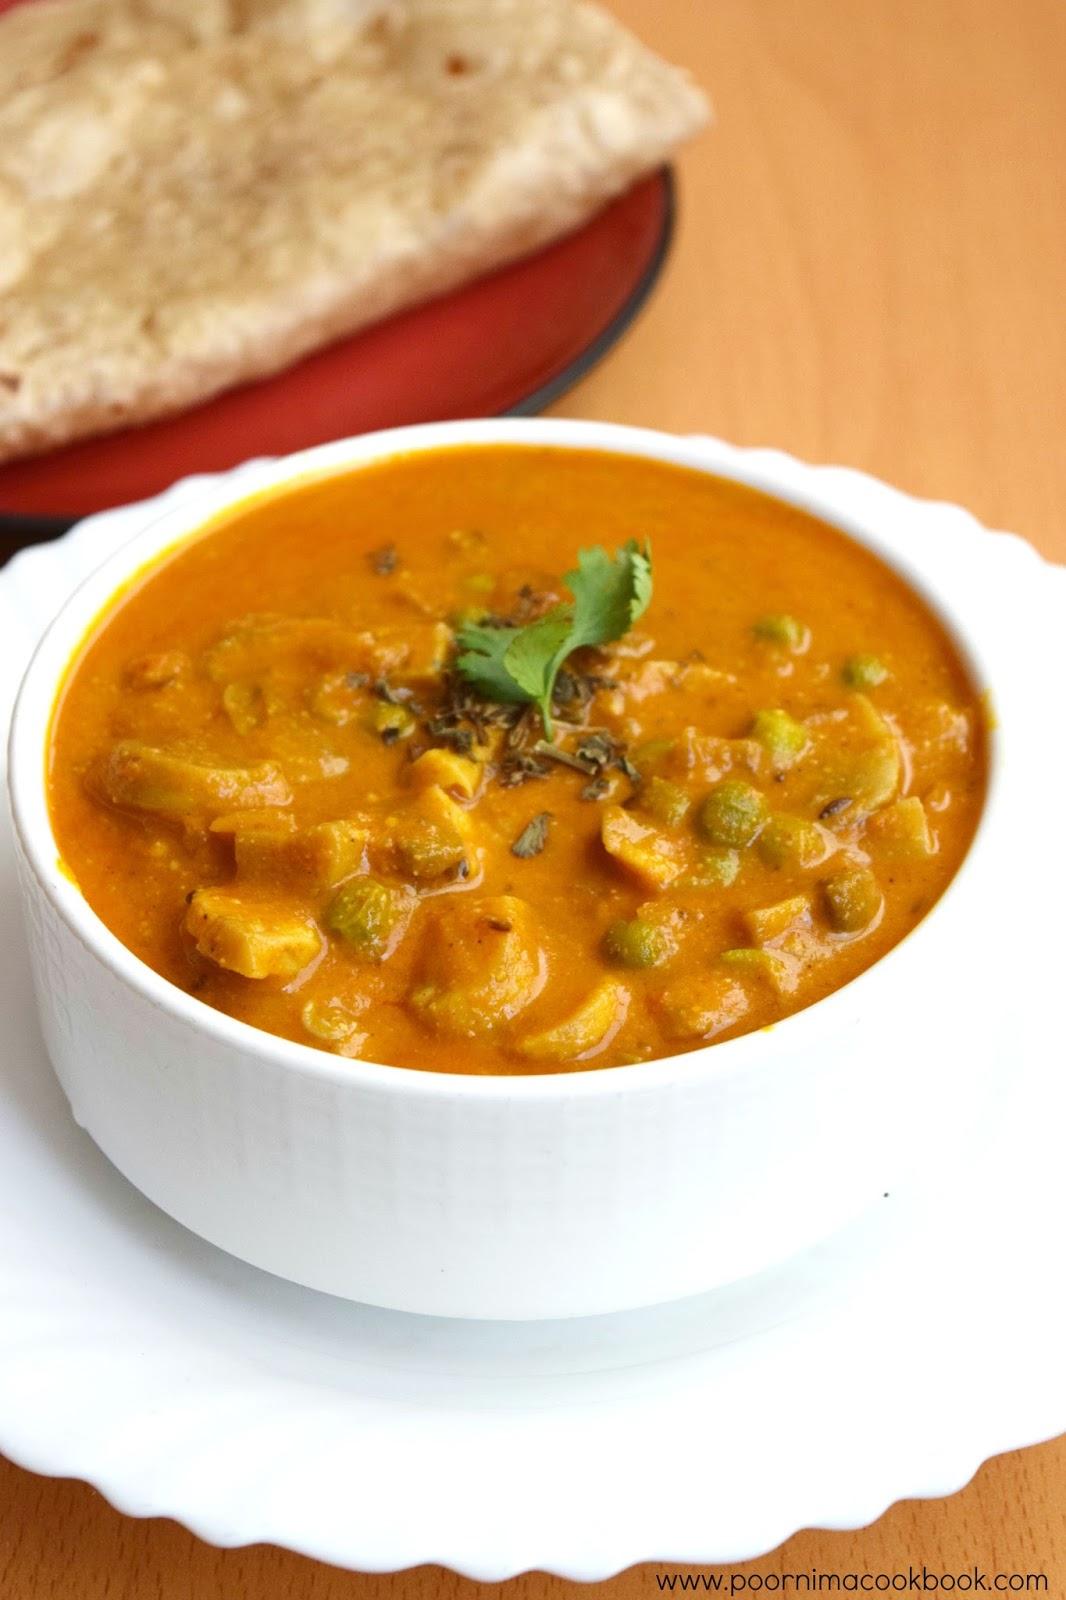 Poornimas Cook BookMushroom peas Masala / Mushroom Peas Curry